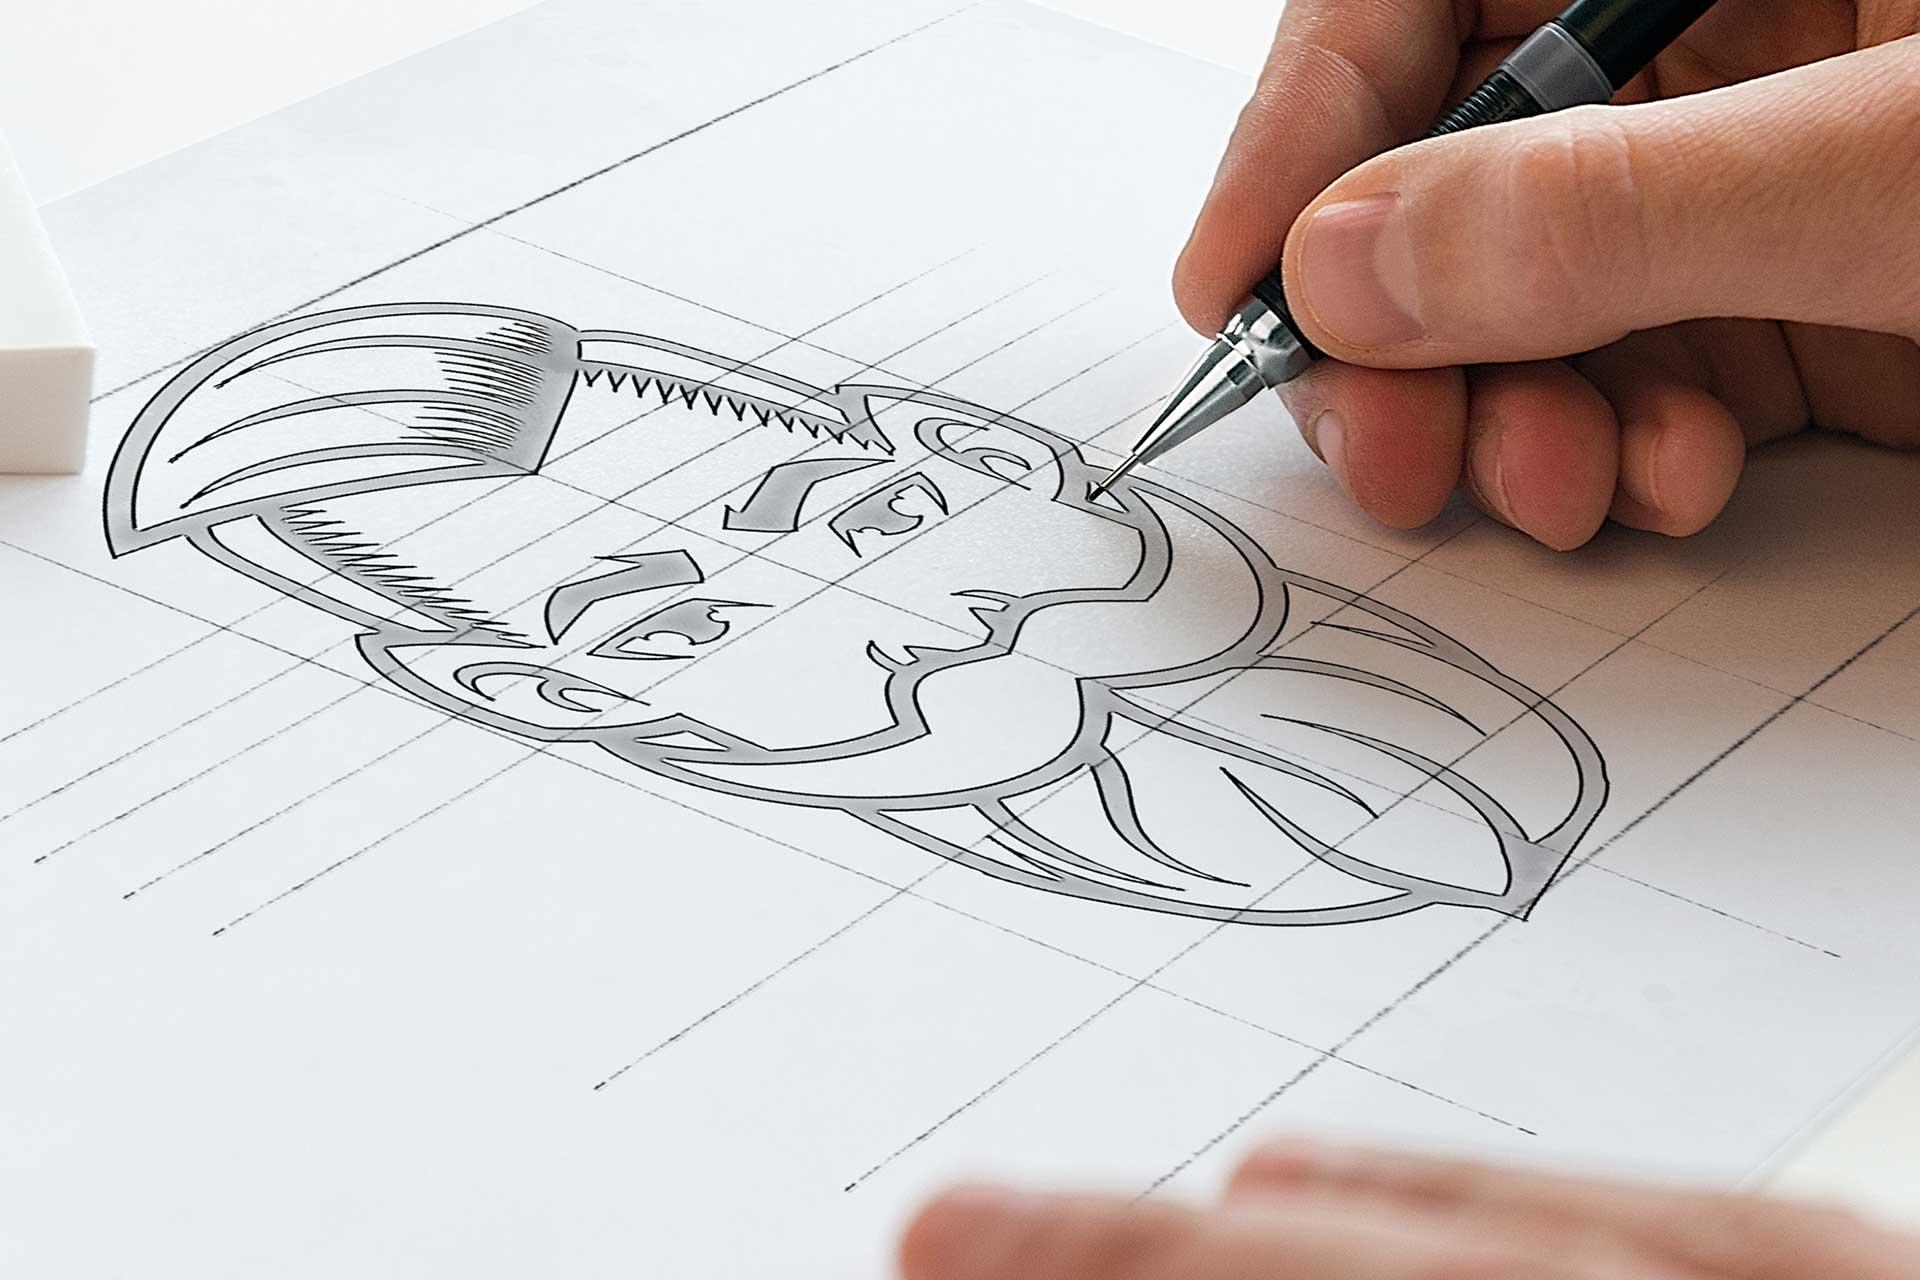 Identyfikacja wizualna w Cobance Studio - case study Brzytwa BarberShop koncepcja logo barber